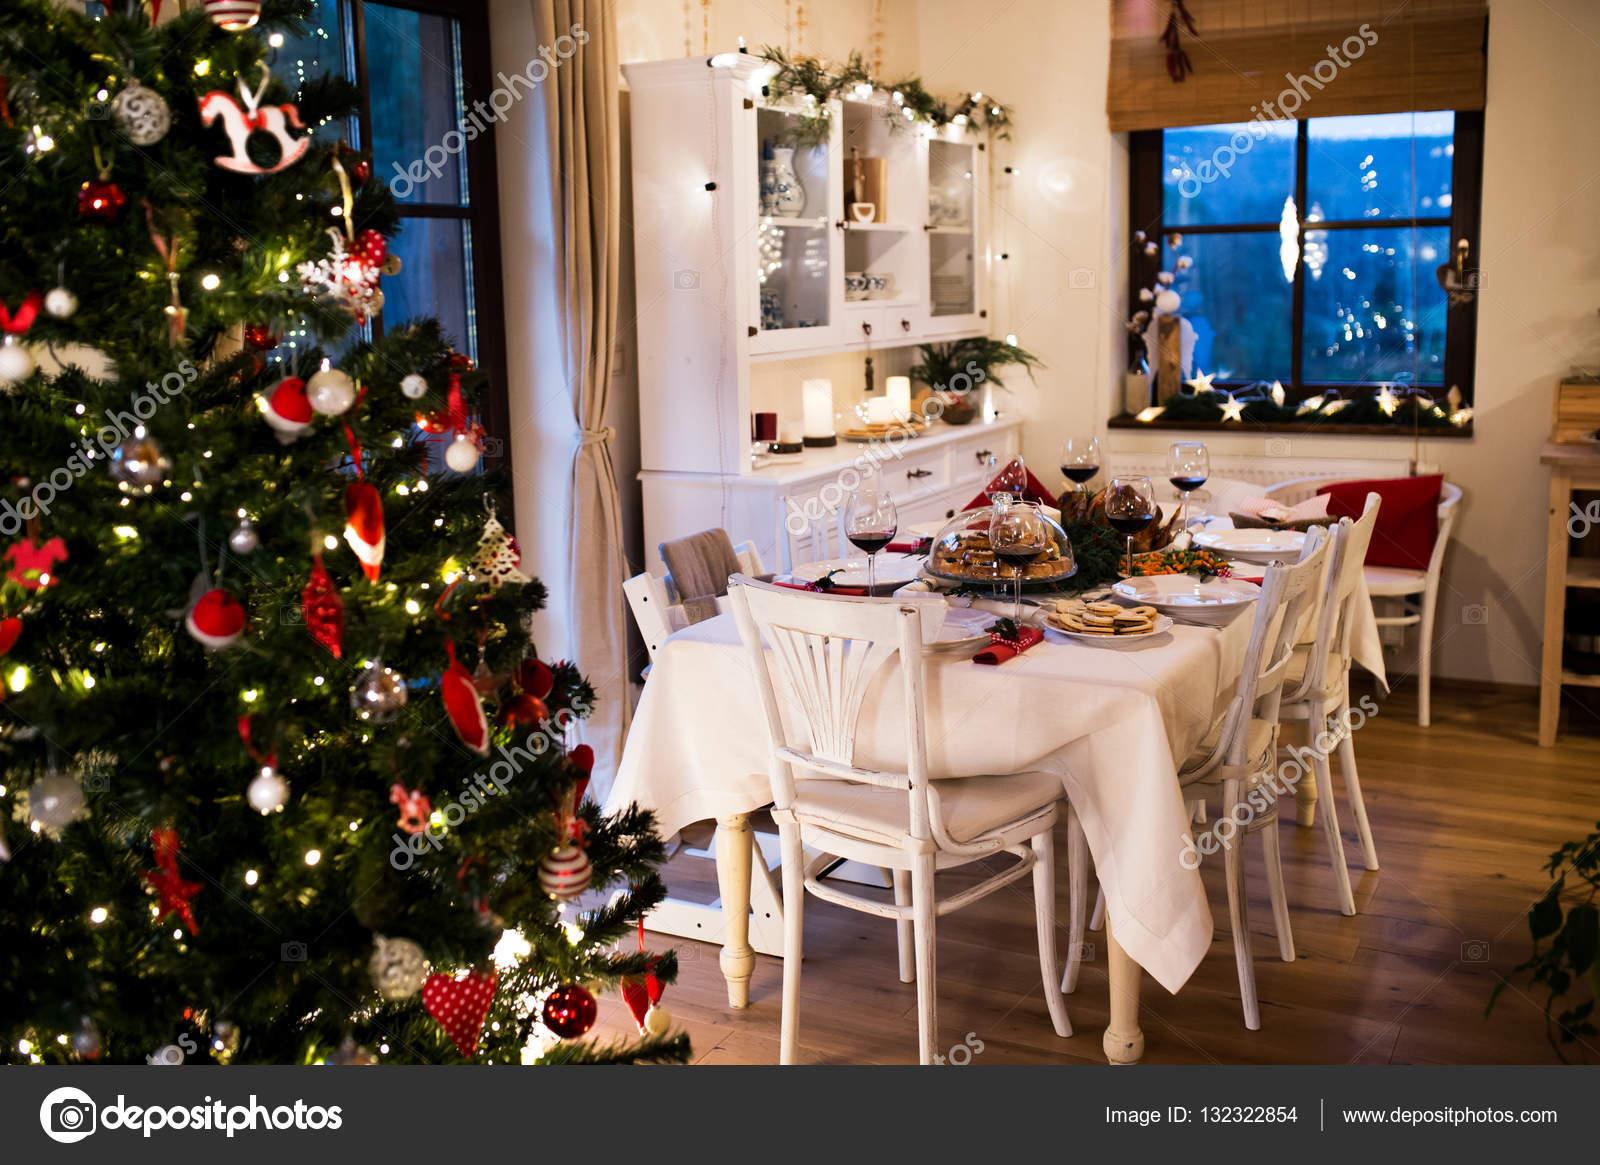 Decorazioni Sala Natale : Cena di natale posto sul tavolo in sala da pranzo decorata u2014 foto